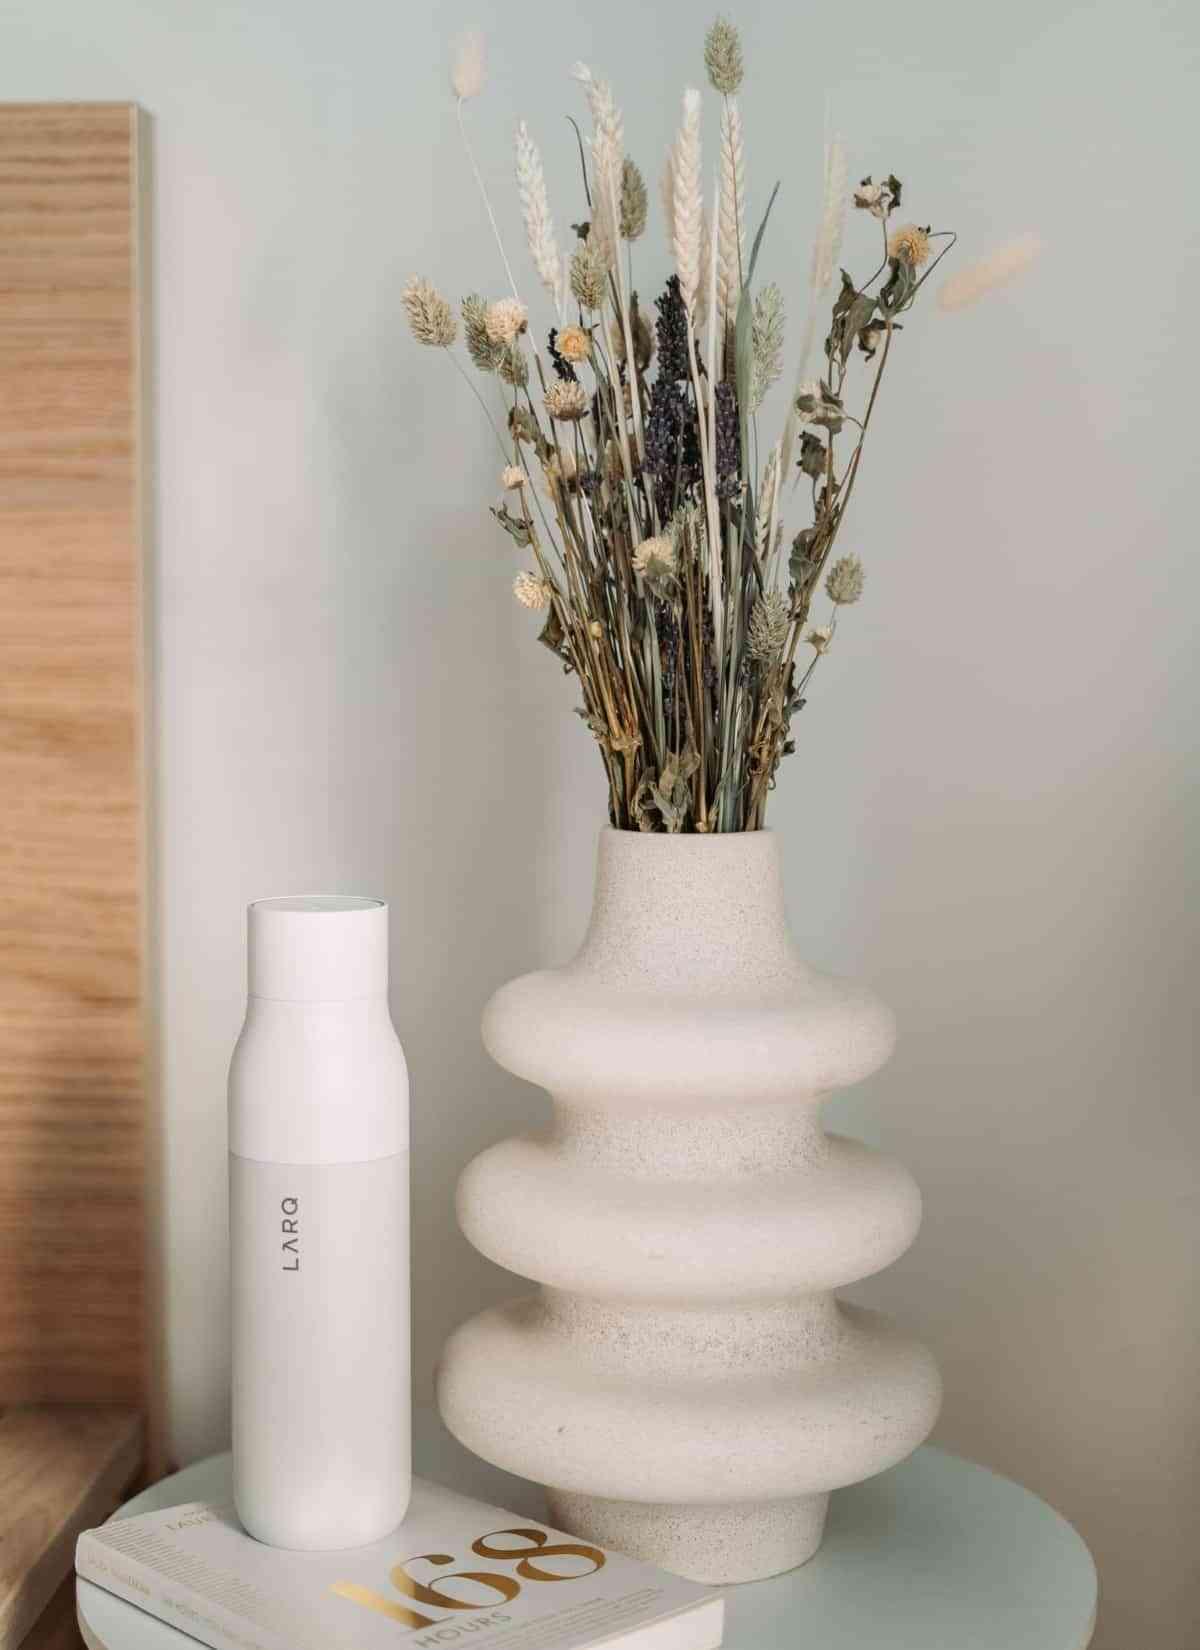 flores secas o naturales